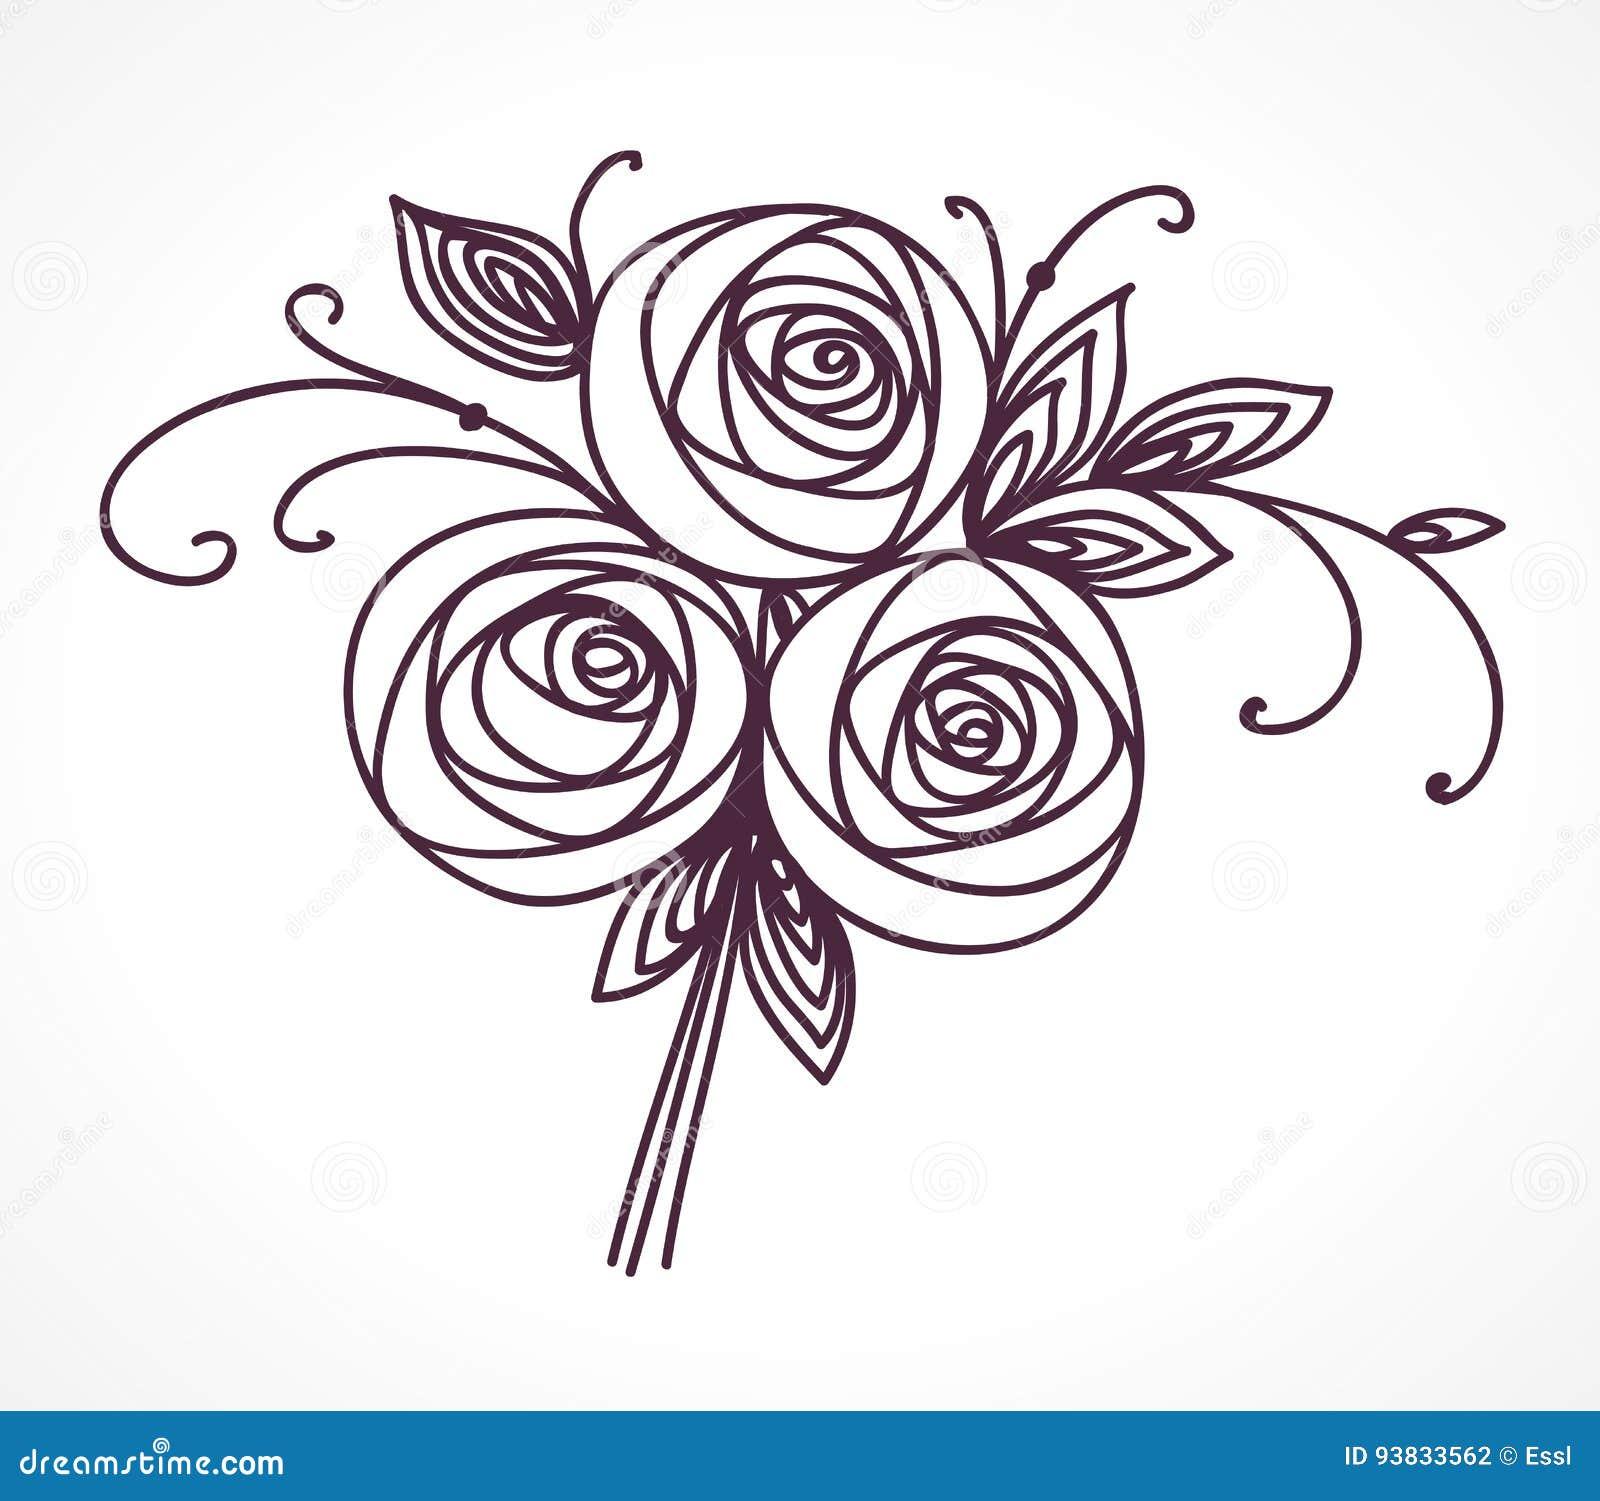 Croquis de rose fleur galerie tatouage for Bouquet de fleurs lumineux